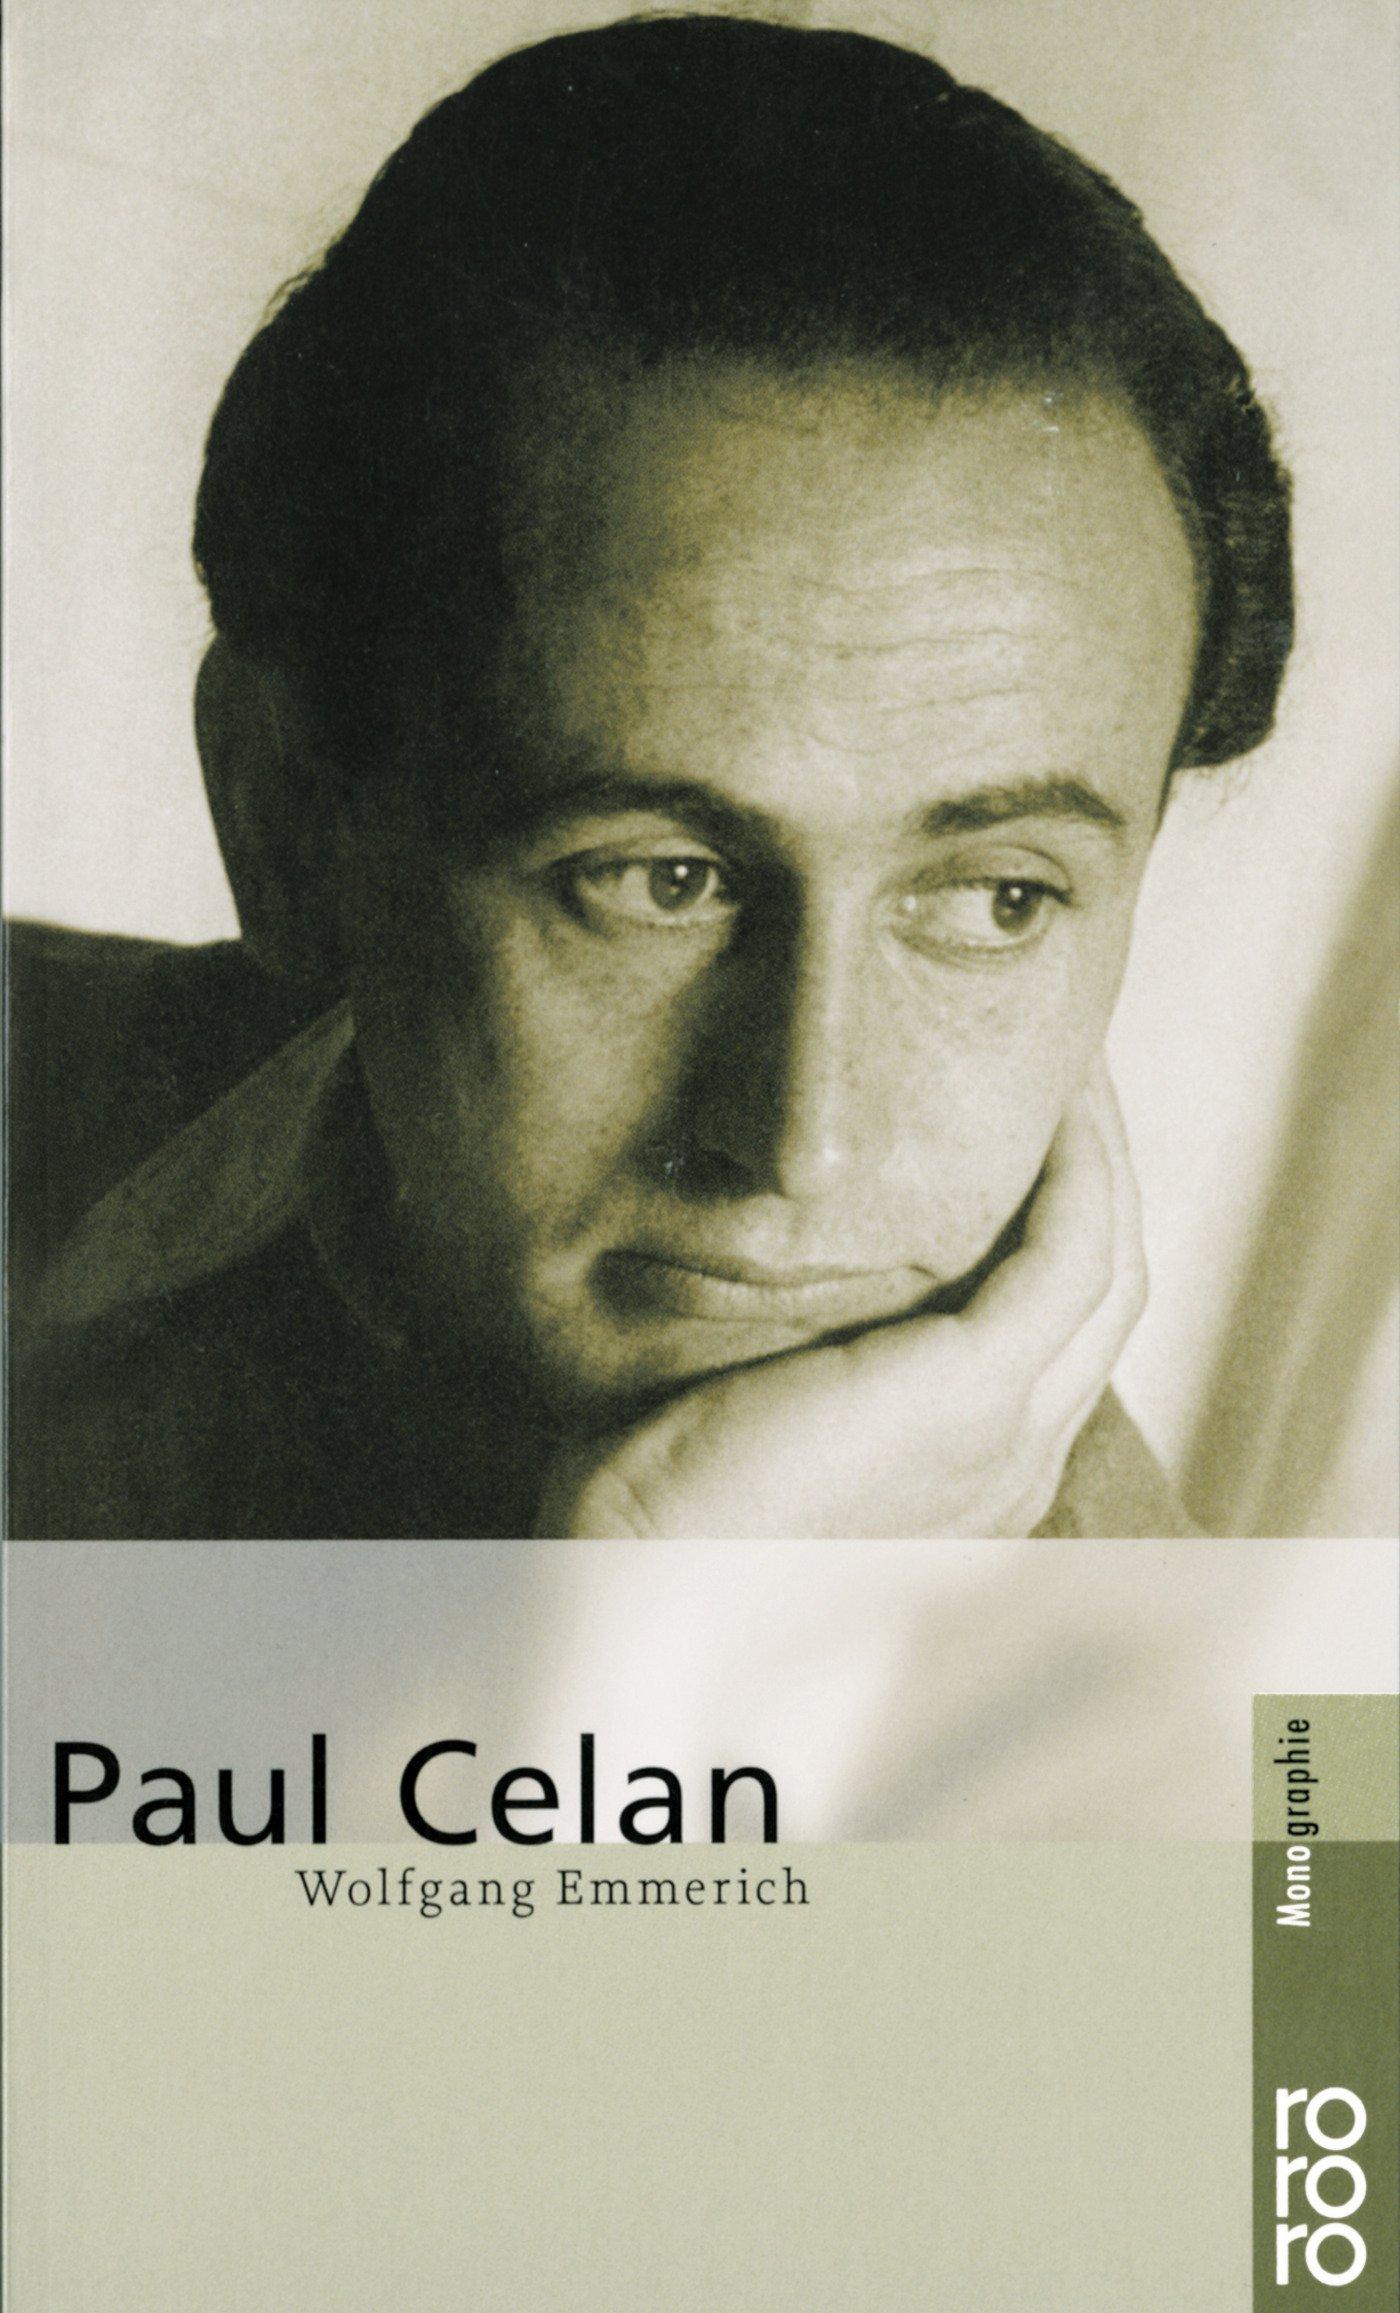 Paul Celan (Rowohlt Monographie) Taschenbuch – Illustriert, 1. April 1999 Wolfgang Emmerich Rowohlt Taschenbuch 3499503972 20th century